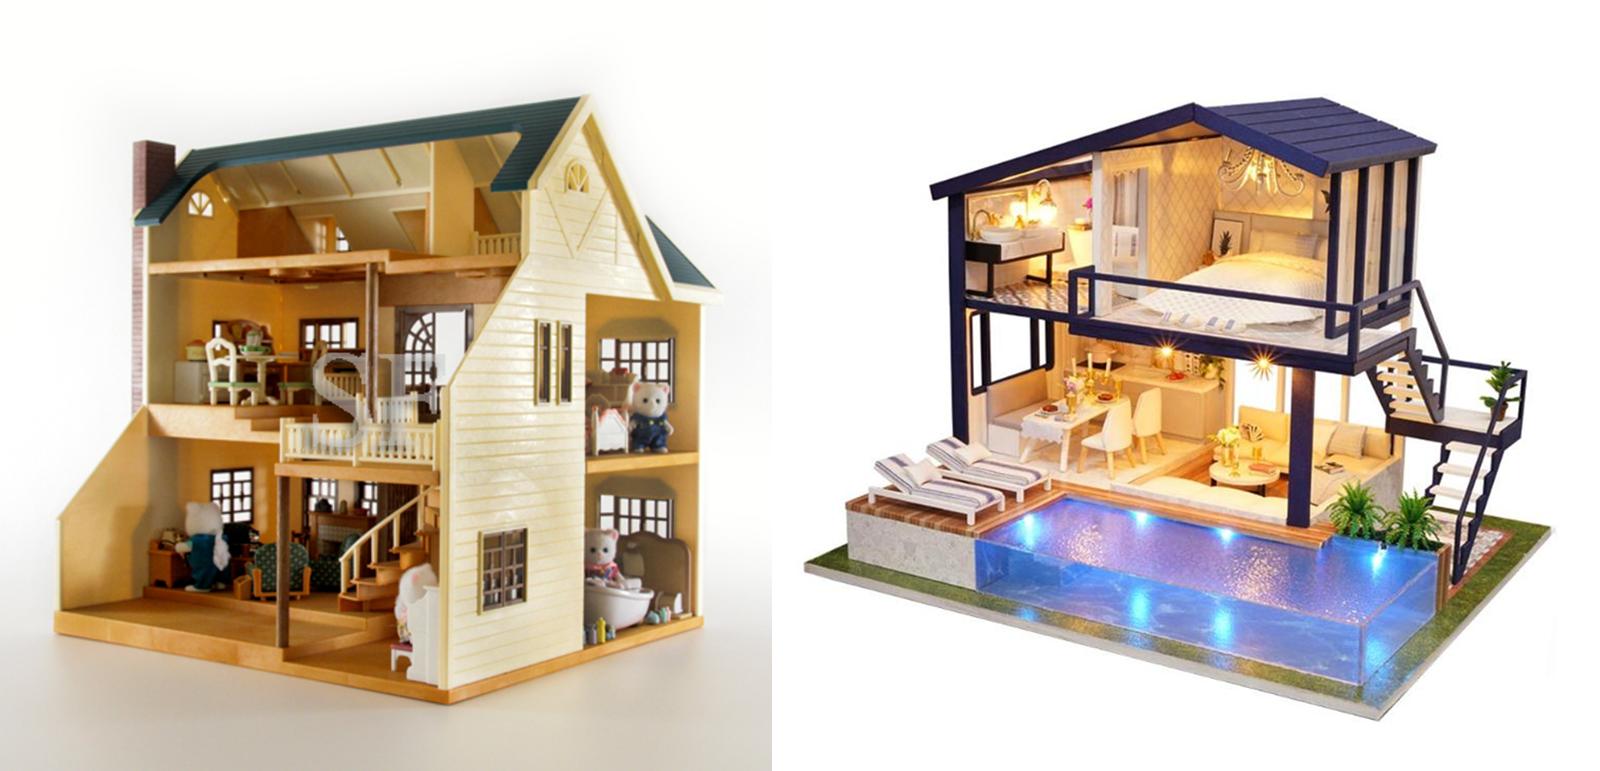 Слева — оригинал: двухэтажный домик с мансардой за 7000 р.. Справа — аналог: около 2000 р.